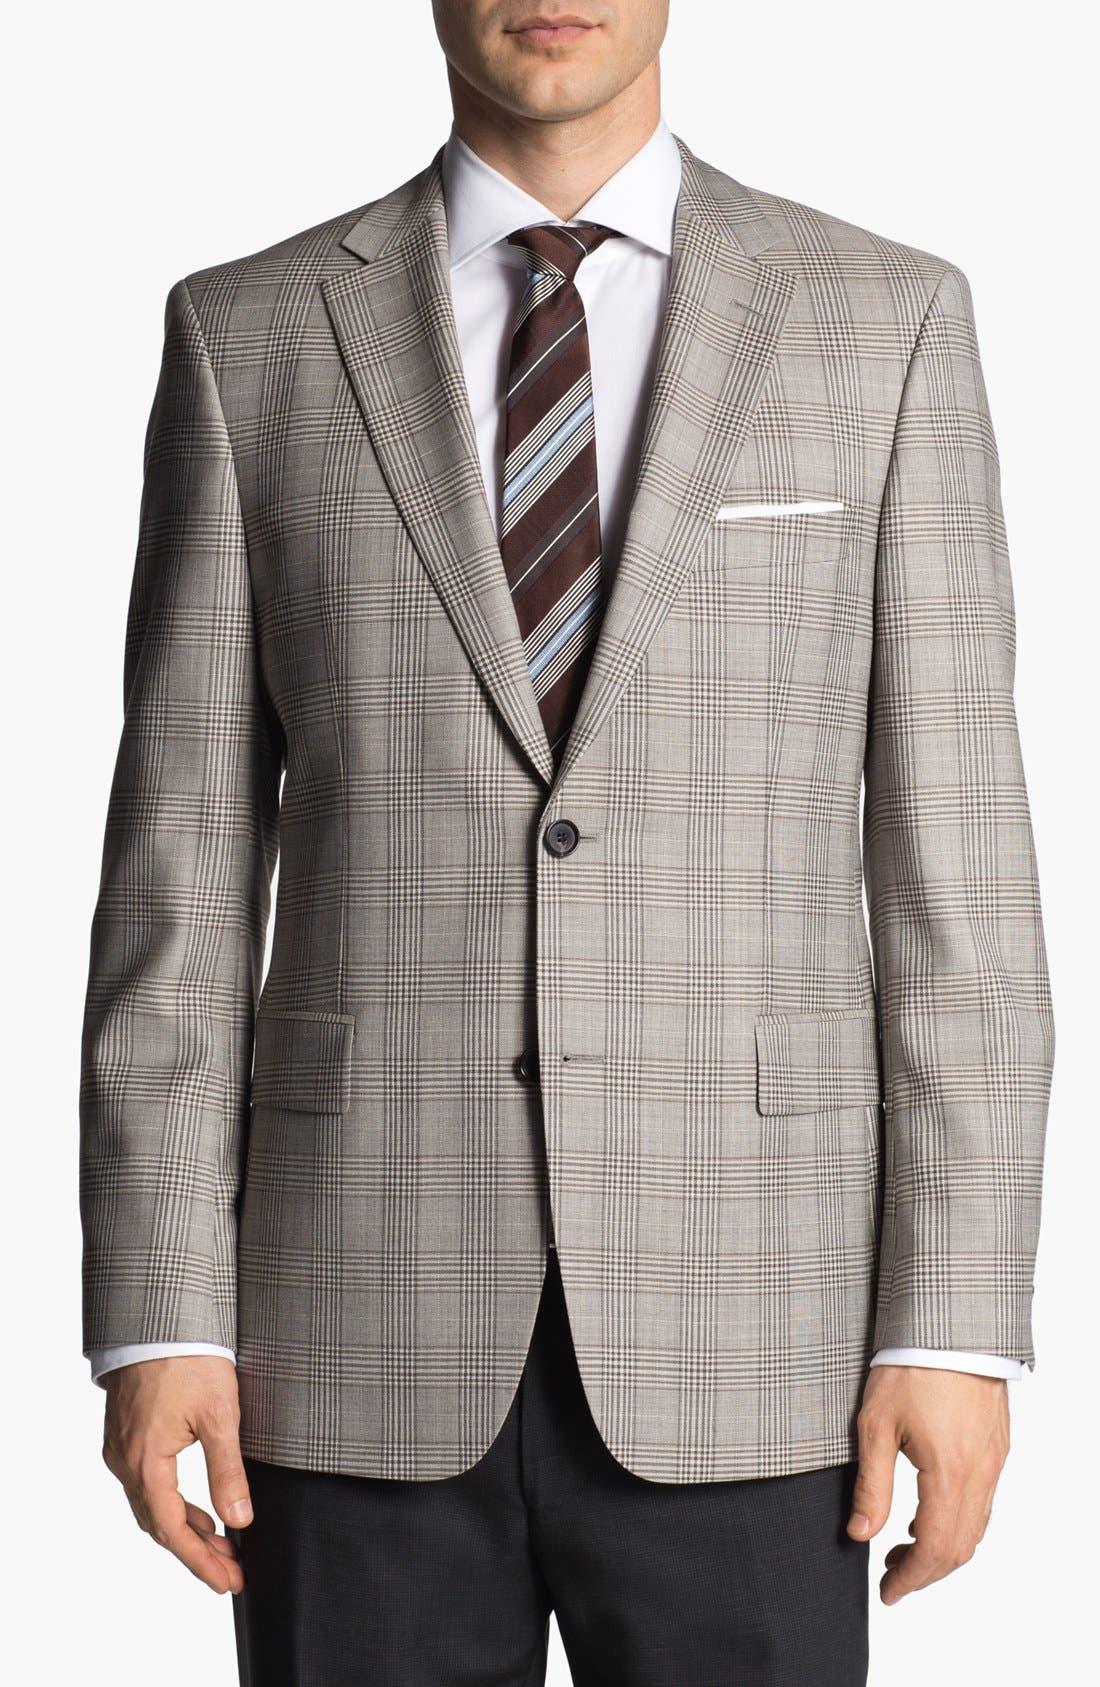 Main Image - BOSS HUGO BOSS 'Pasini' Glen Plaid Sportcoat